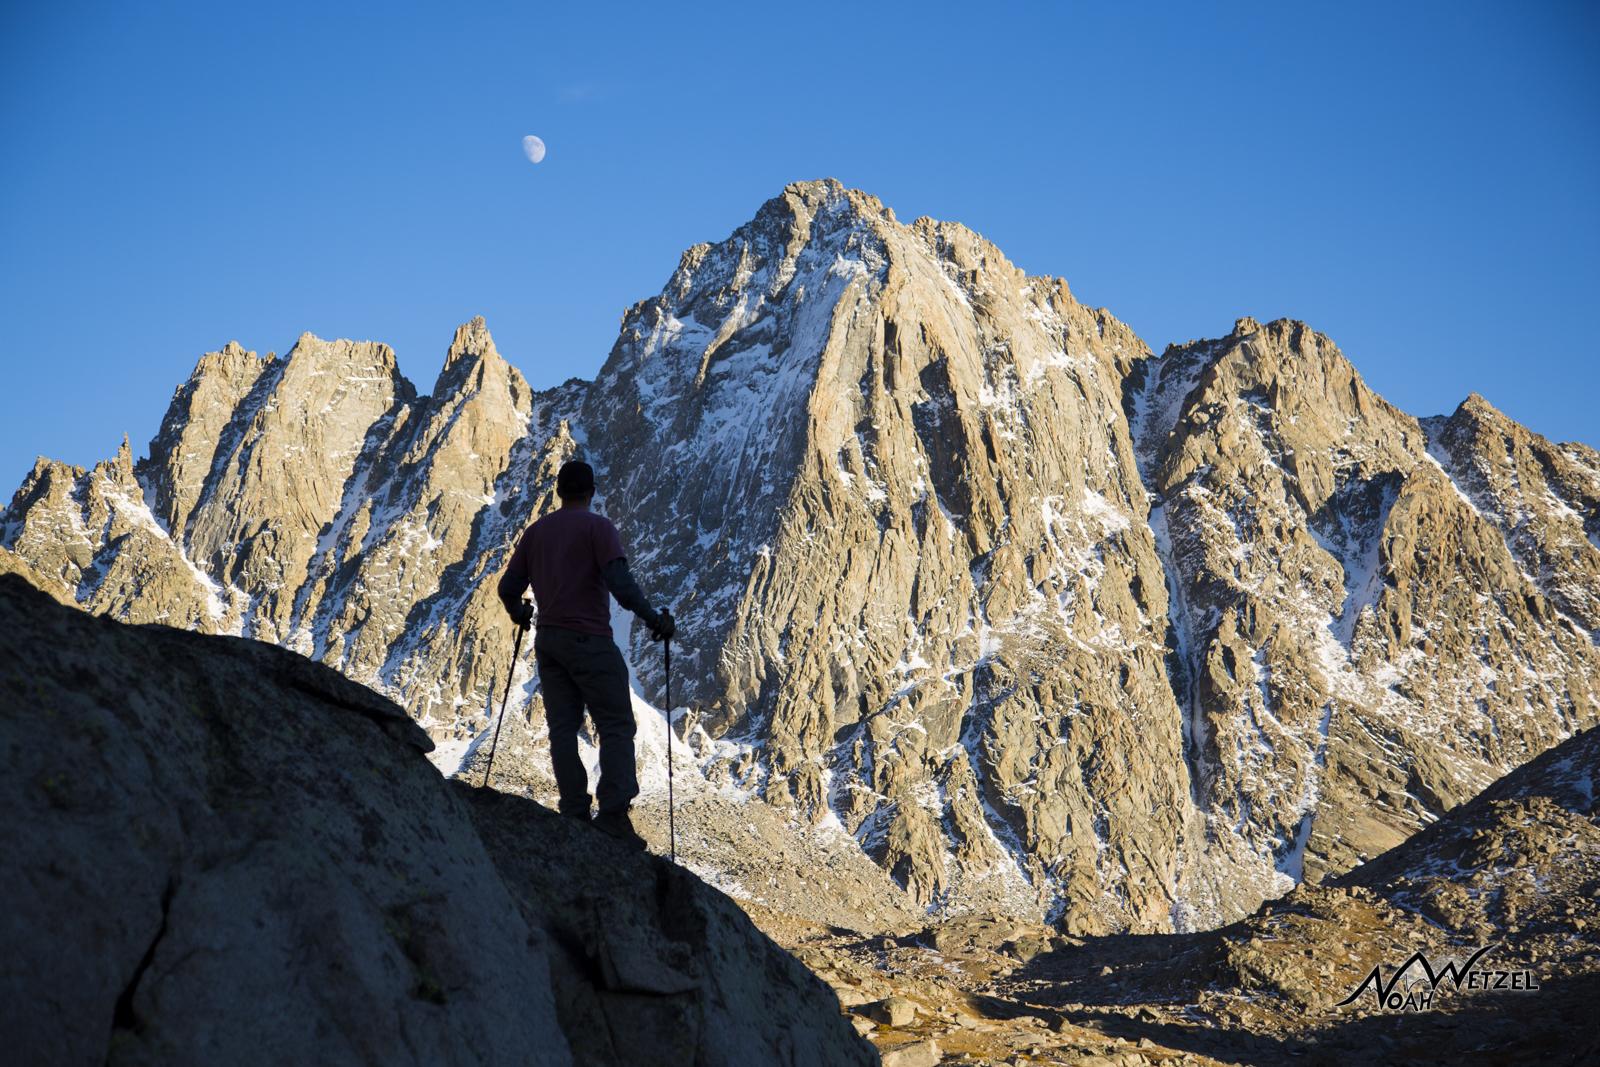 Ben Wetzel overlooking Indian Basin and Harrower Peak. Wind River Range. Wyoming